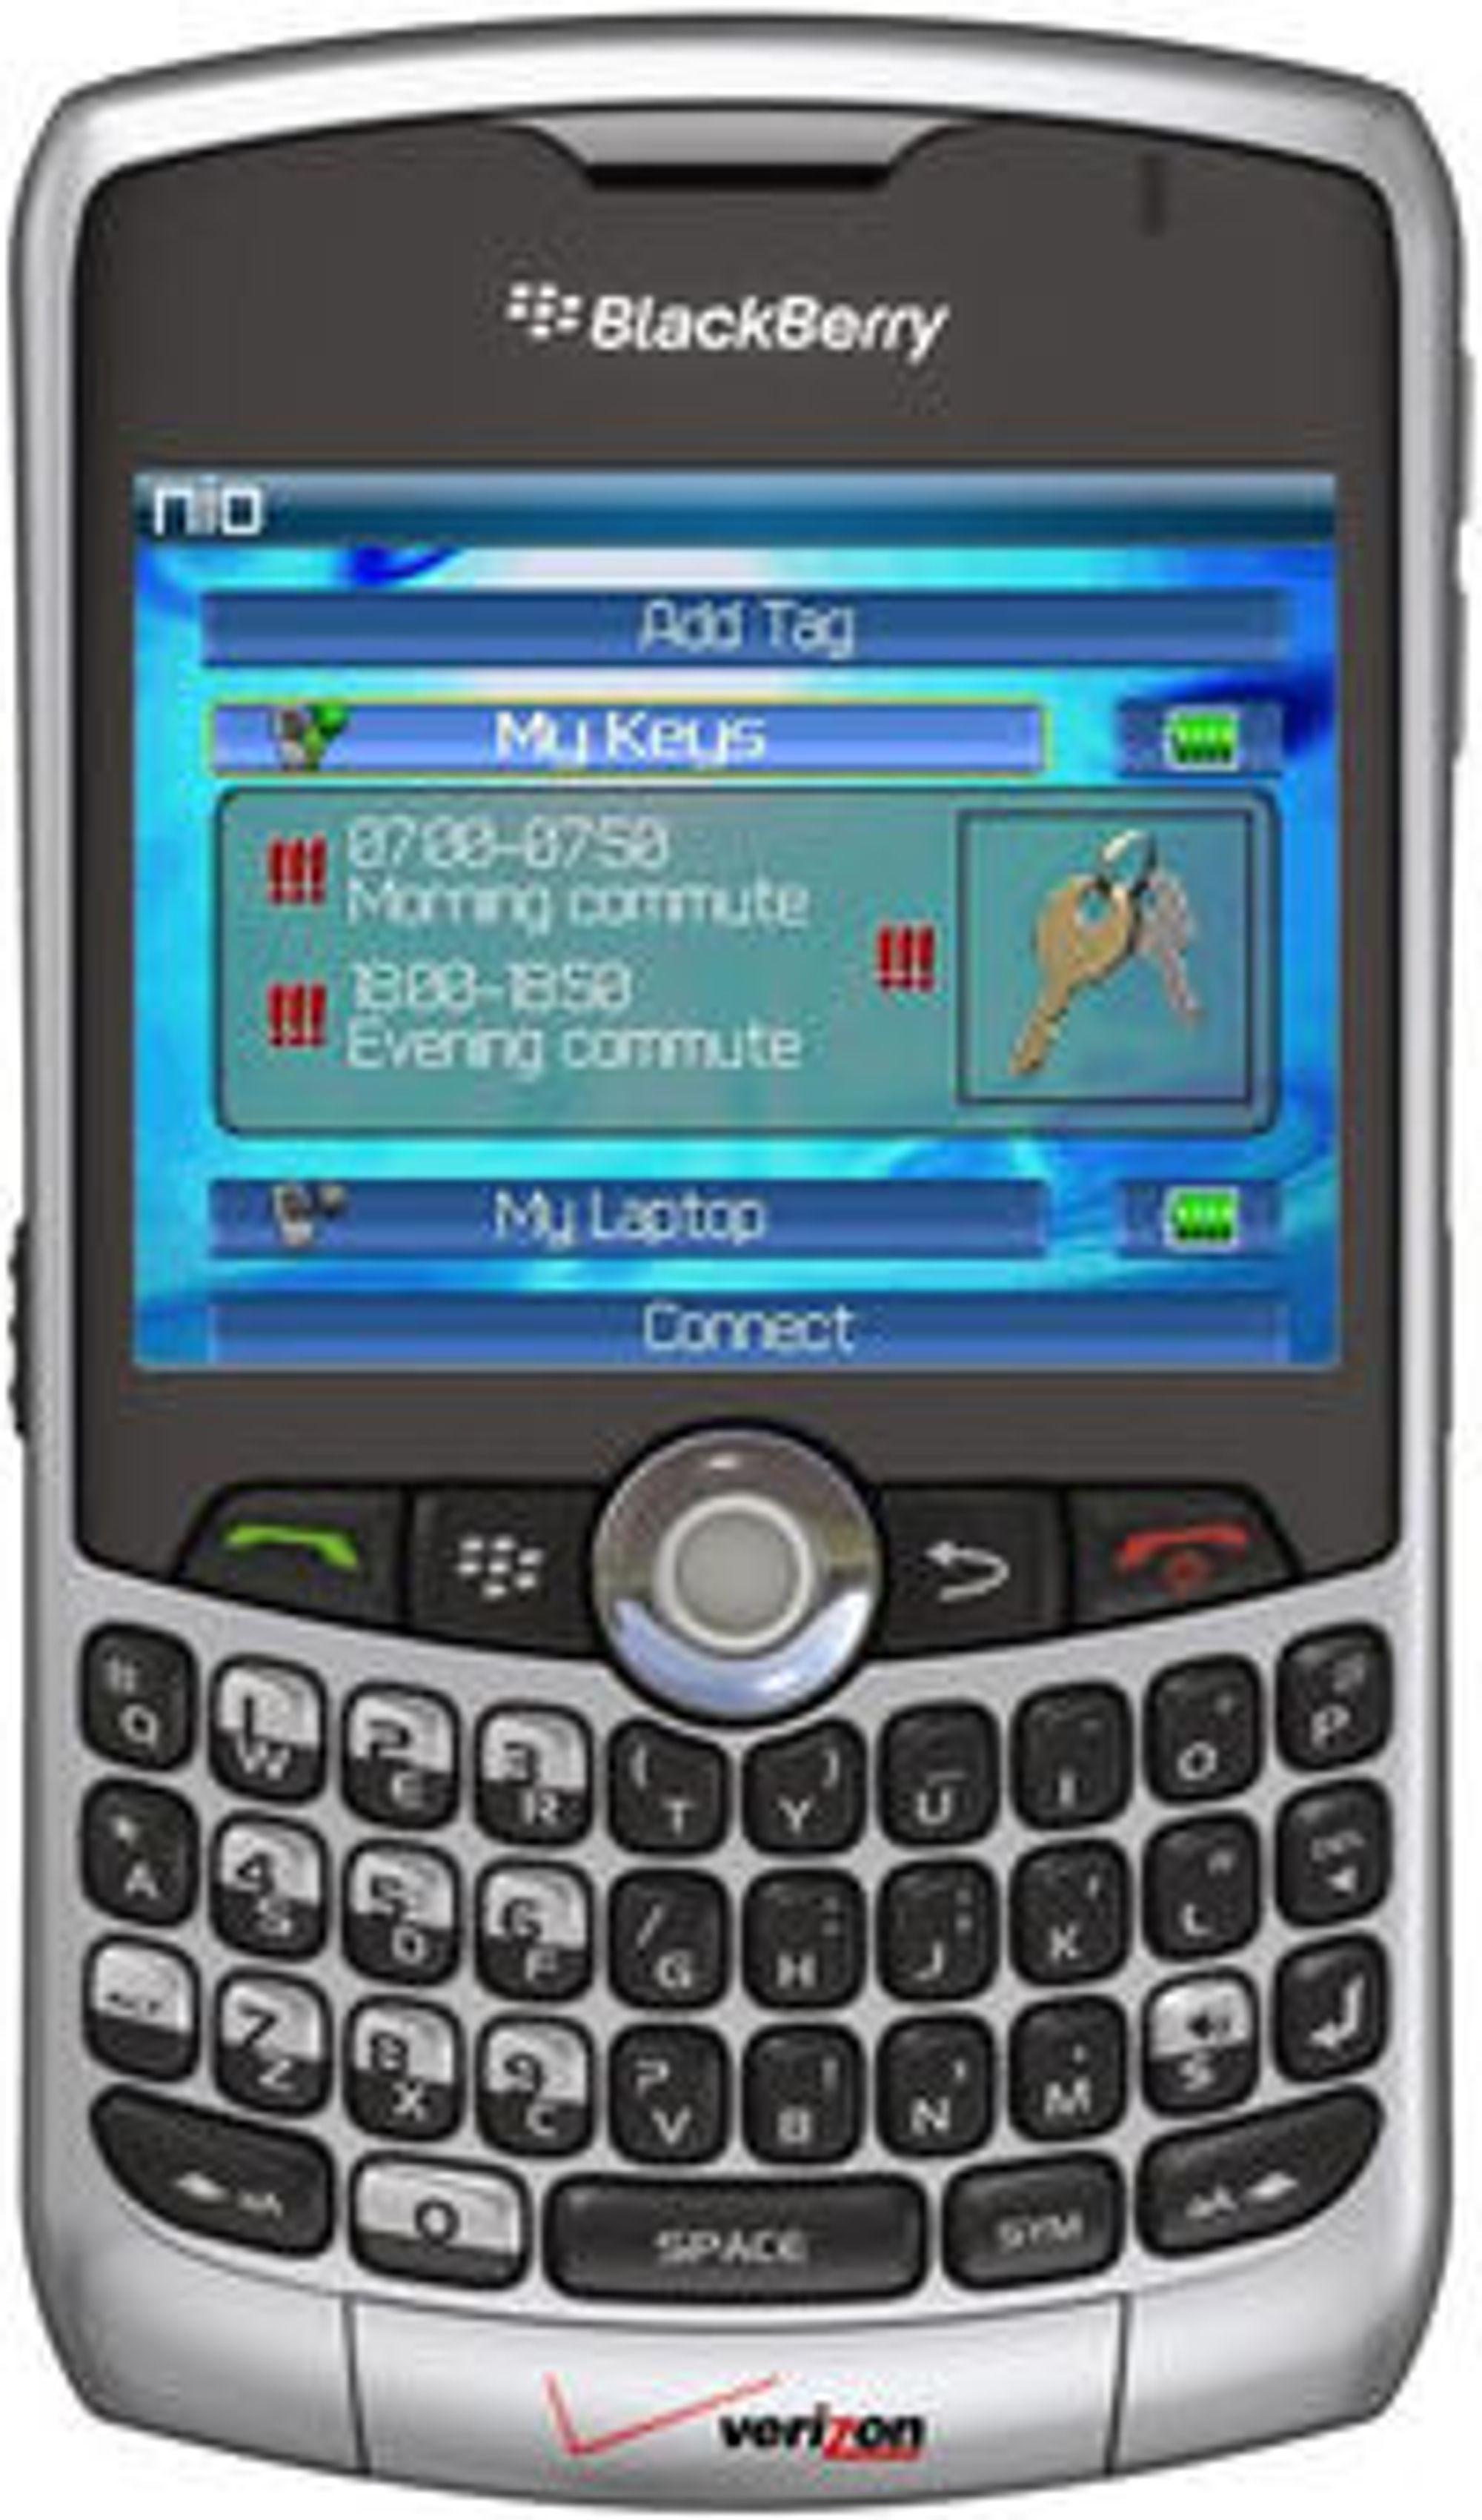 Nio på Blackberry: Skjermen viser at Nio-brikken på nøkkelringen er aktiv hver dag fra 0700 til 0750 og fra 1800 til 1850. Alle brikkene man har, styres fra Nio-programmet på mobiltelefonen.